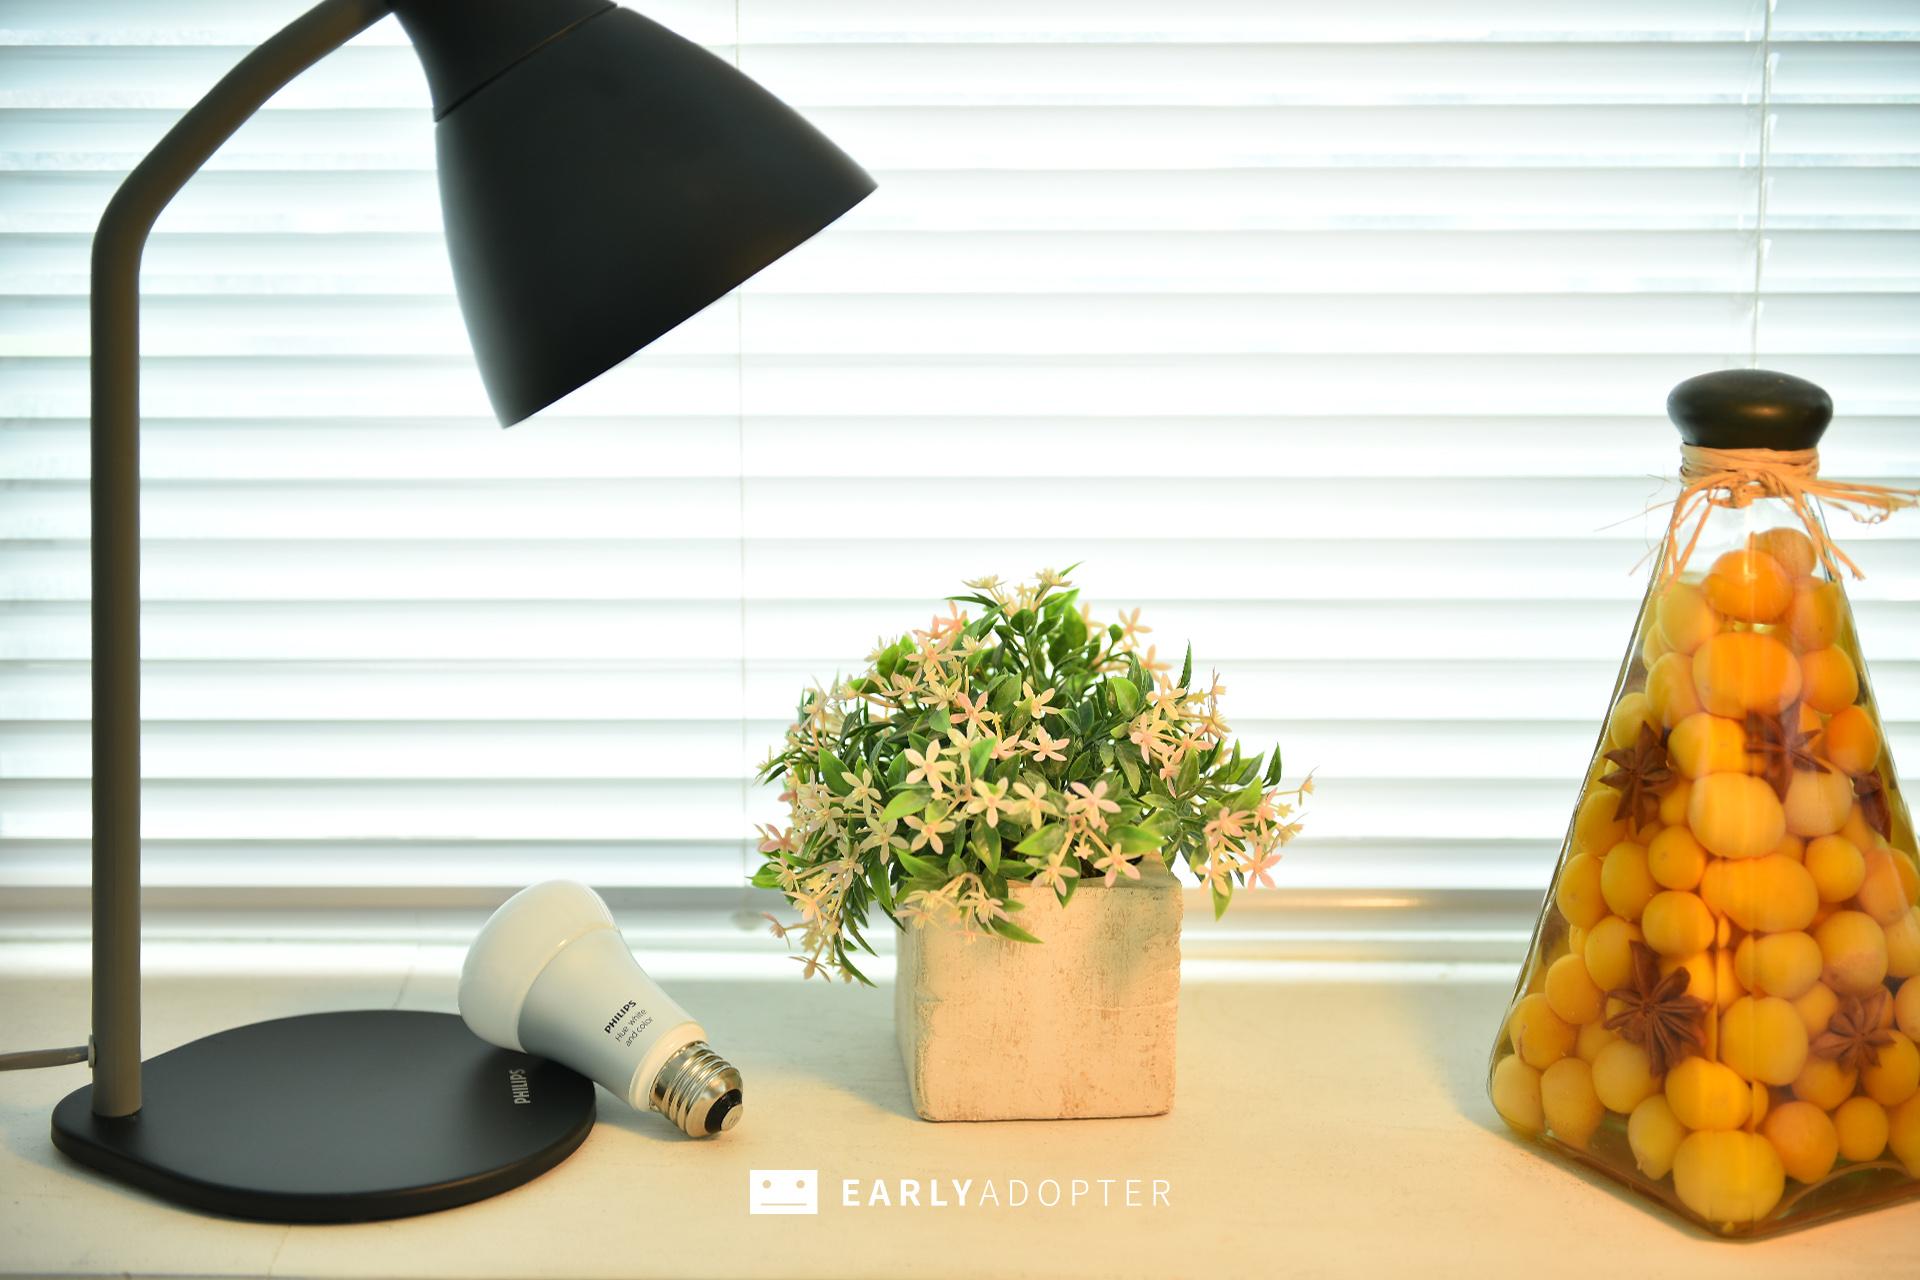 philips hue 2.0 smartlamp smarthome iot (21)